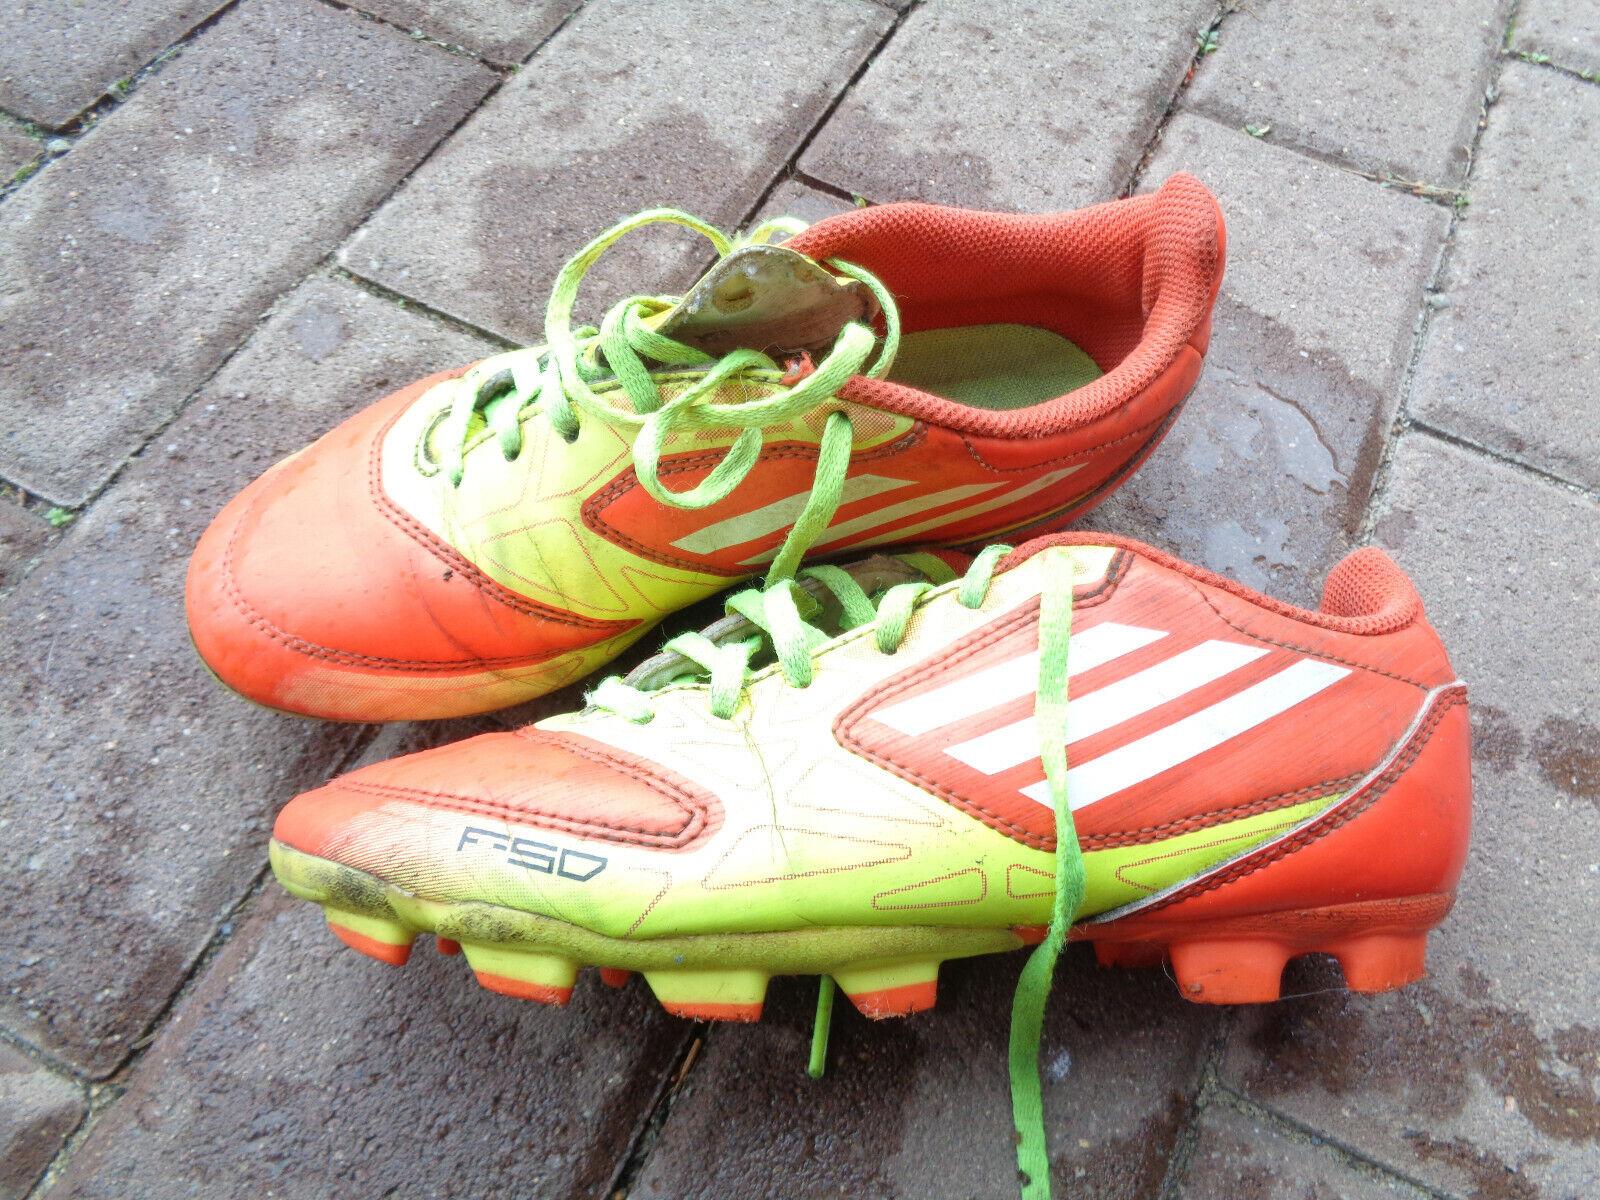 Coole Adidas Fußballschuhe Rasen Stollen Gr.34/35 Sport